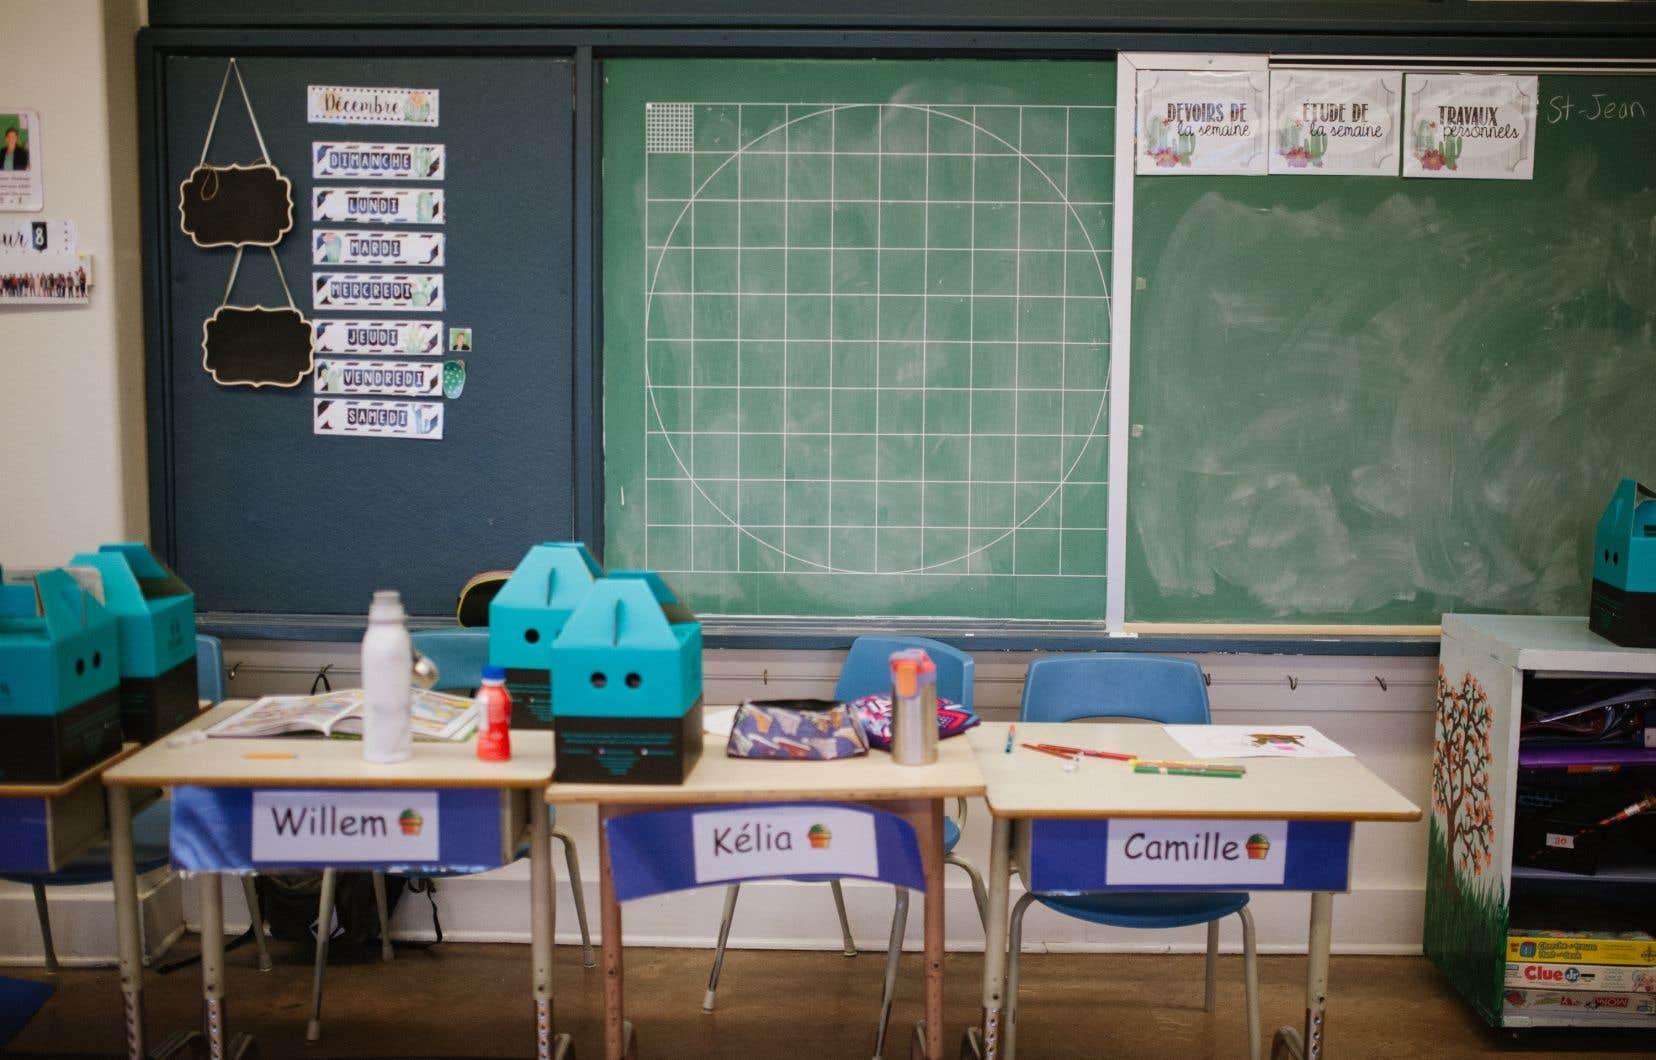 Les écoles publiques et privées se disent prêtes à collaborer pour l'enseignement à distance.